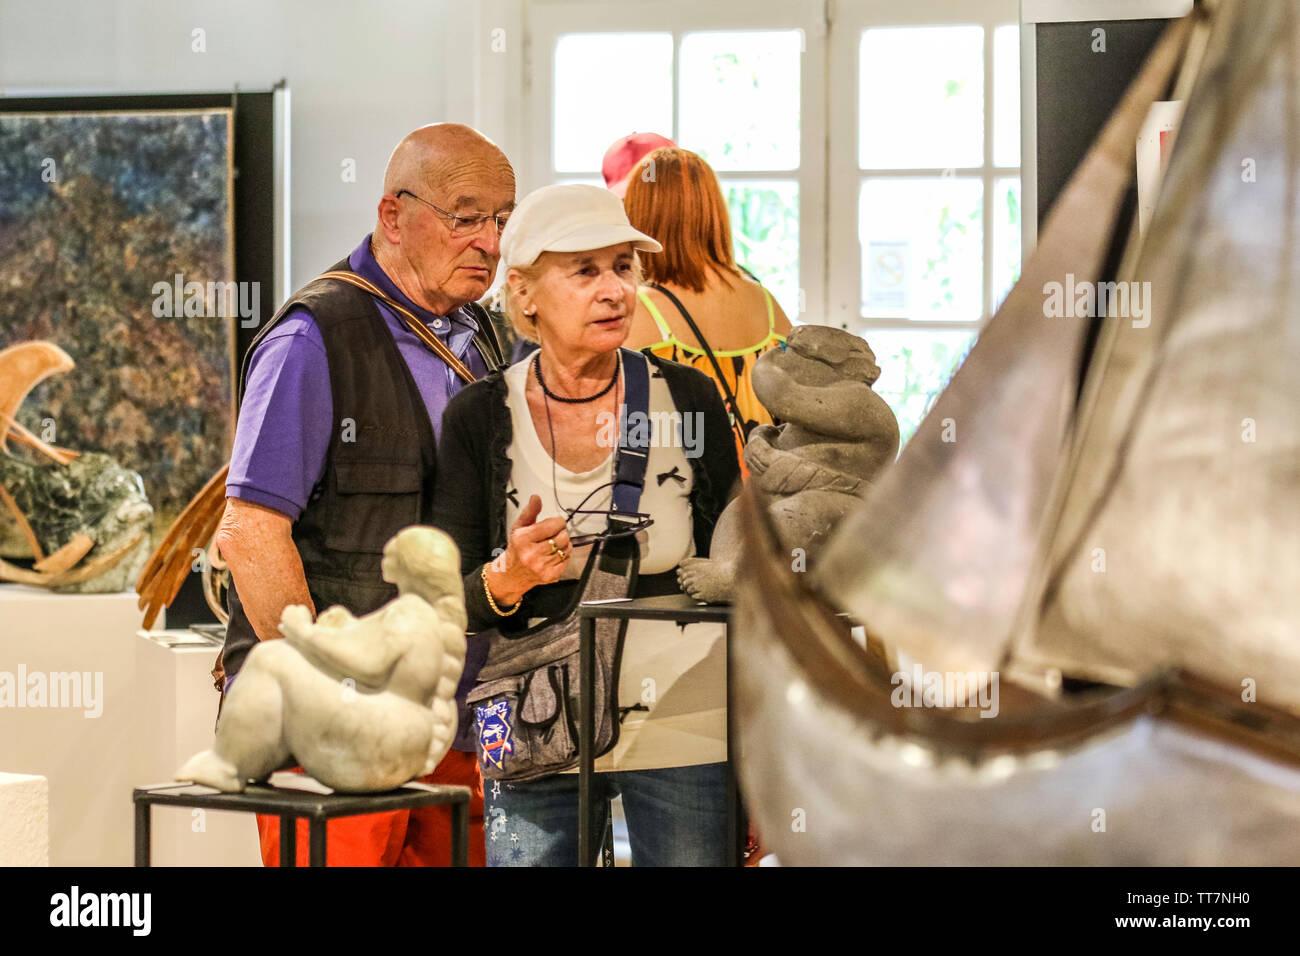 Danielle Harlaux peintre a L Honneur - Danielle Harlaux painter has the honor - Salon des Peintres et Sculpteurs de Saint Tropez - Stock Image